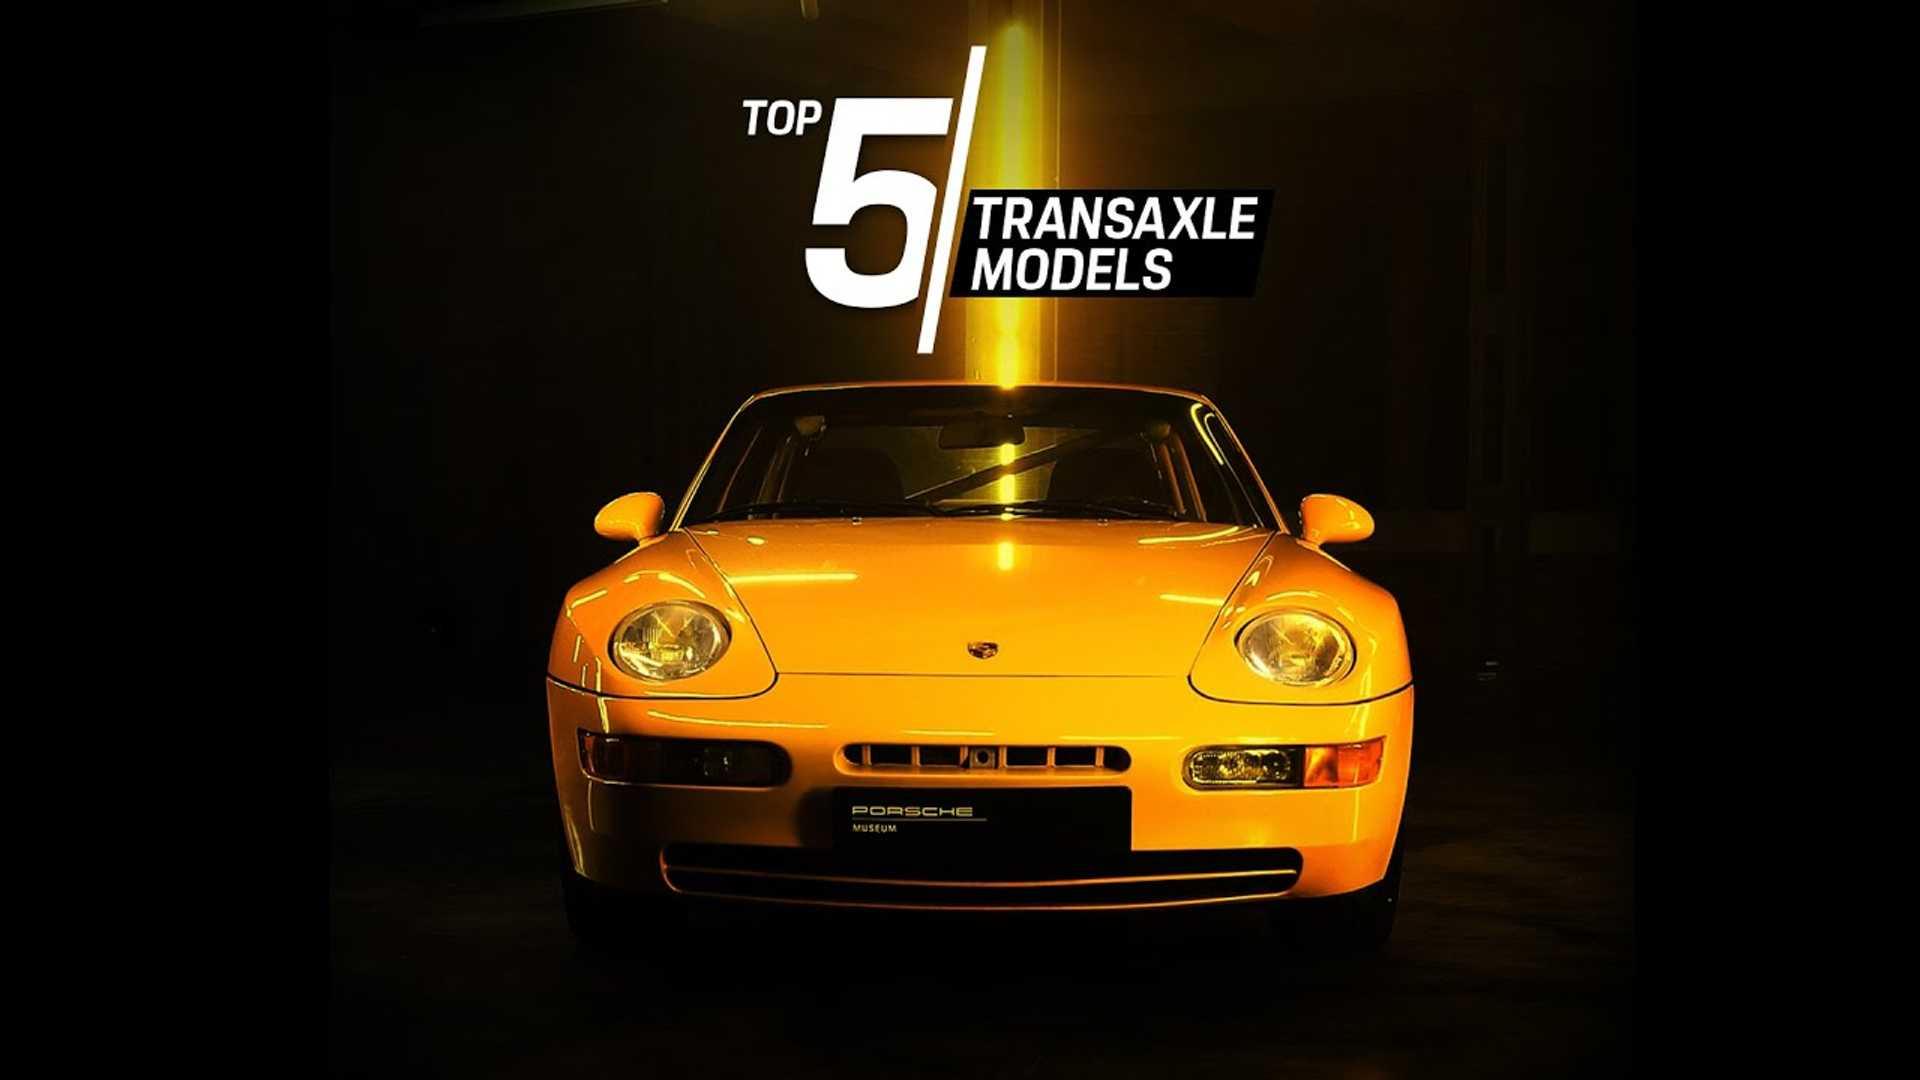 Большинство поклонников культовой марки считают «настоящими» только Porsche c традиционной заднемоторной компоновкой. Сама компания с этим не согласна.